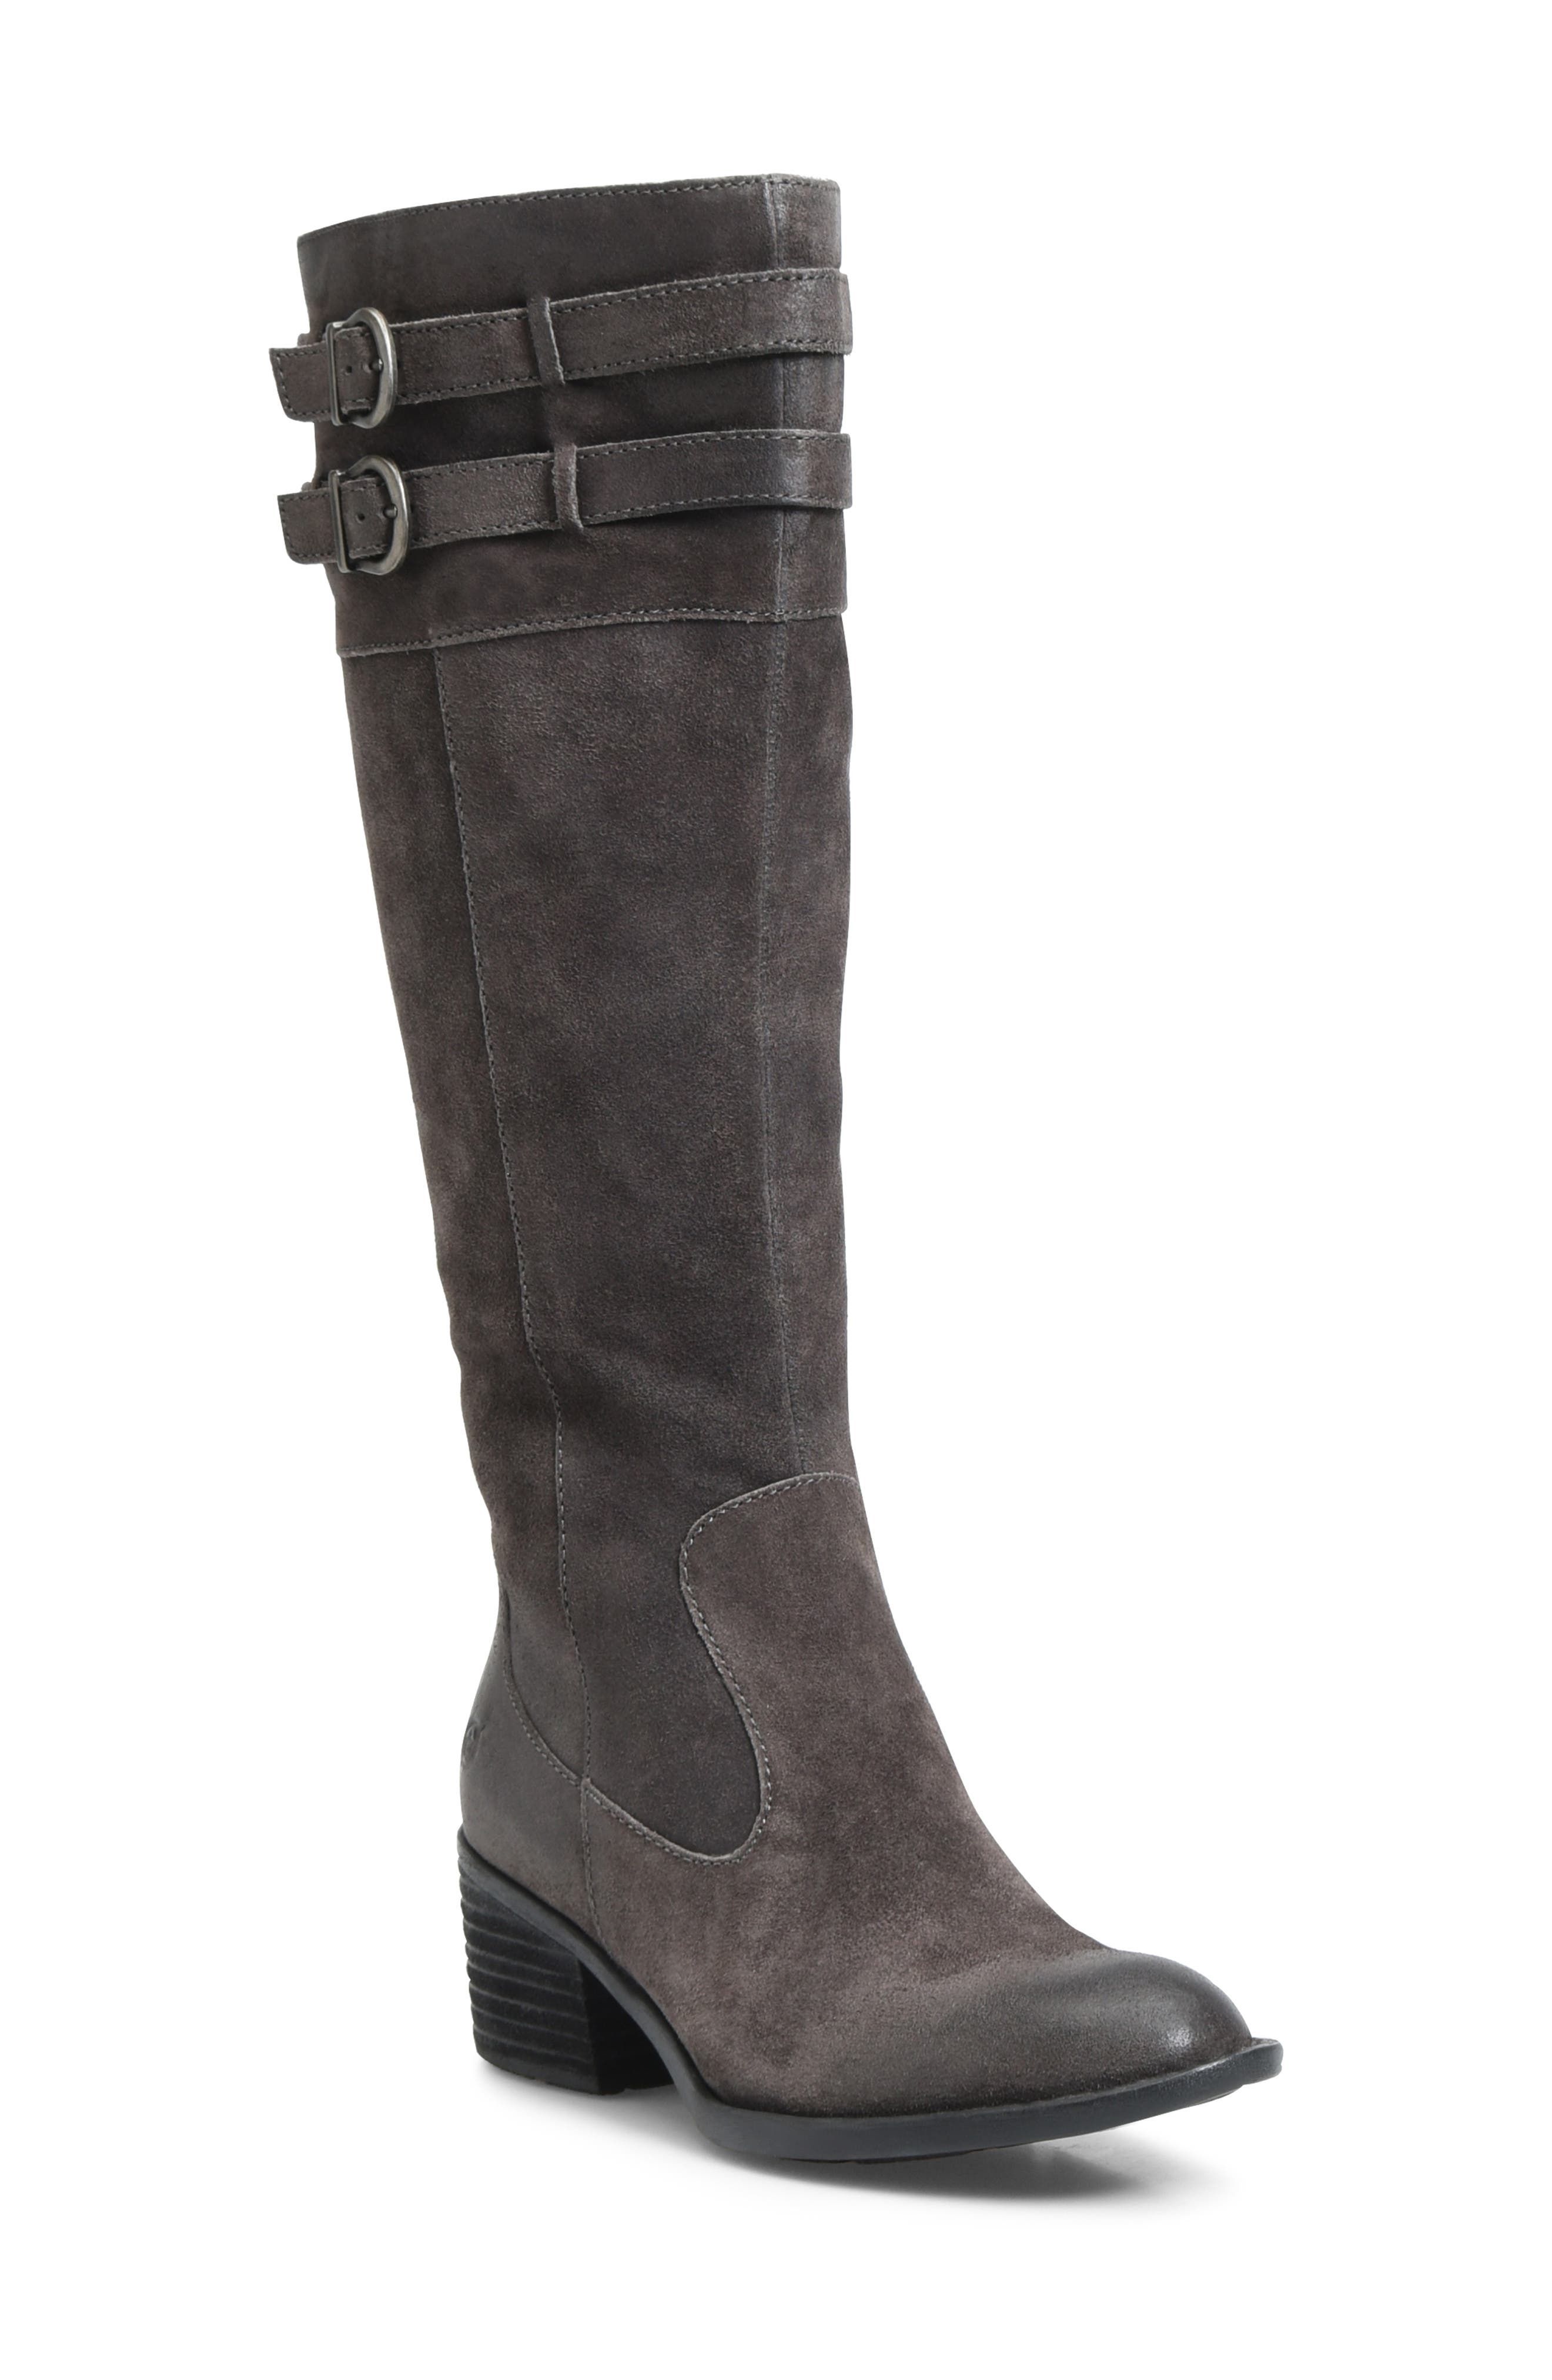 B?rn Tay Block Heel Knee High Boot- Grey